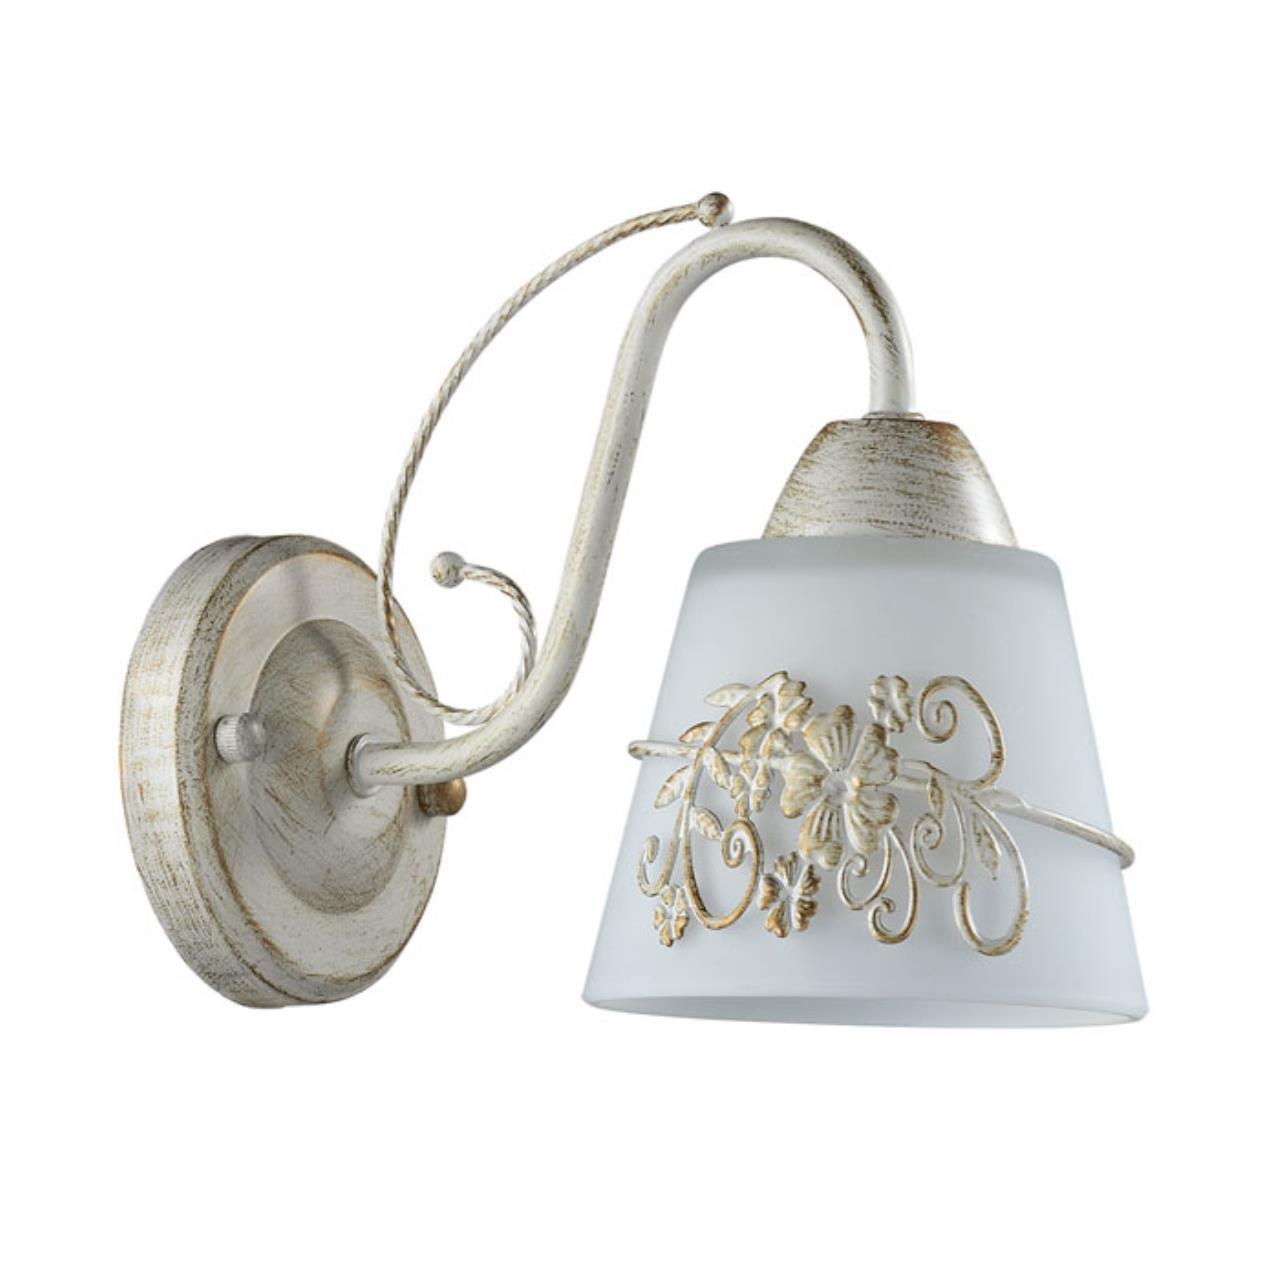 3003/1W COMFI LN16 205 белый/зол. патина/стекло/метал.декор Бра E14 40W 220V VEVA